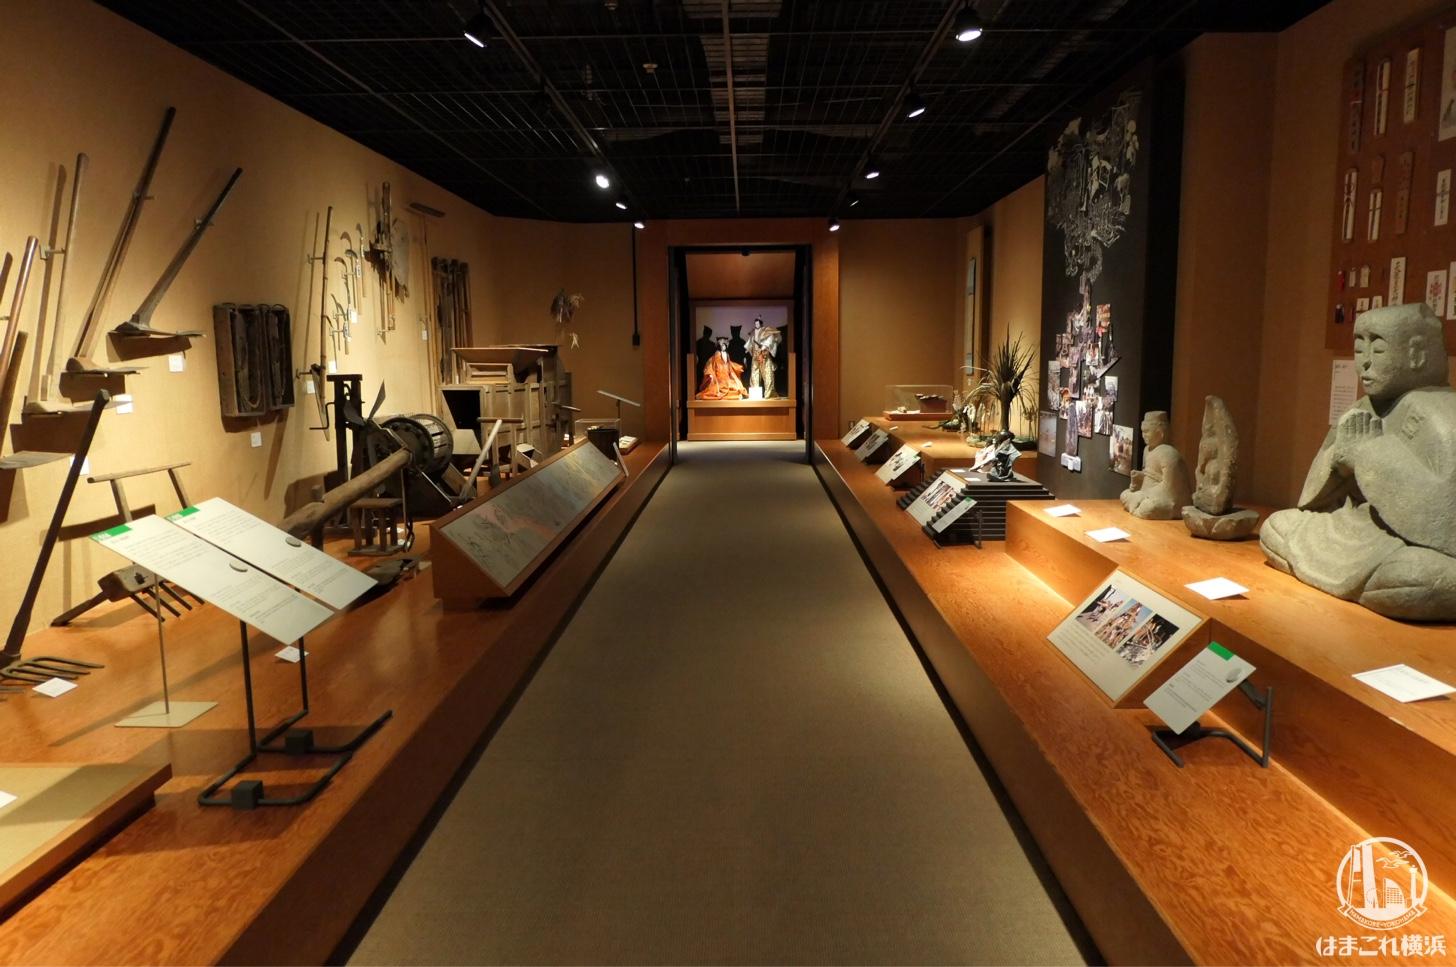 神奈川県立歴史博物館 常設展